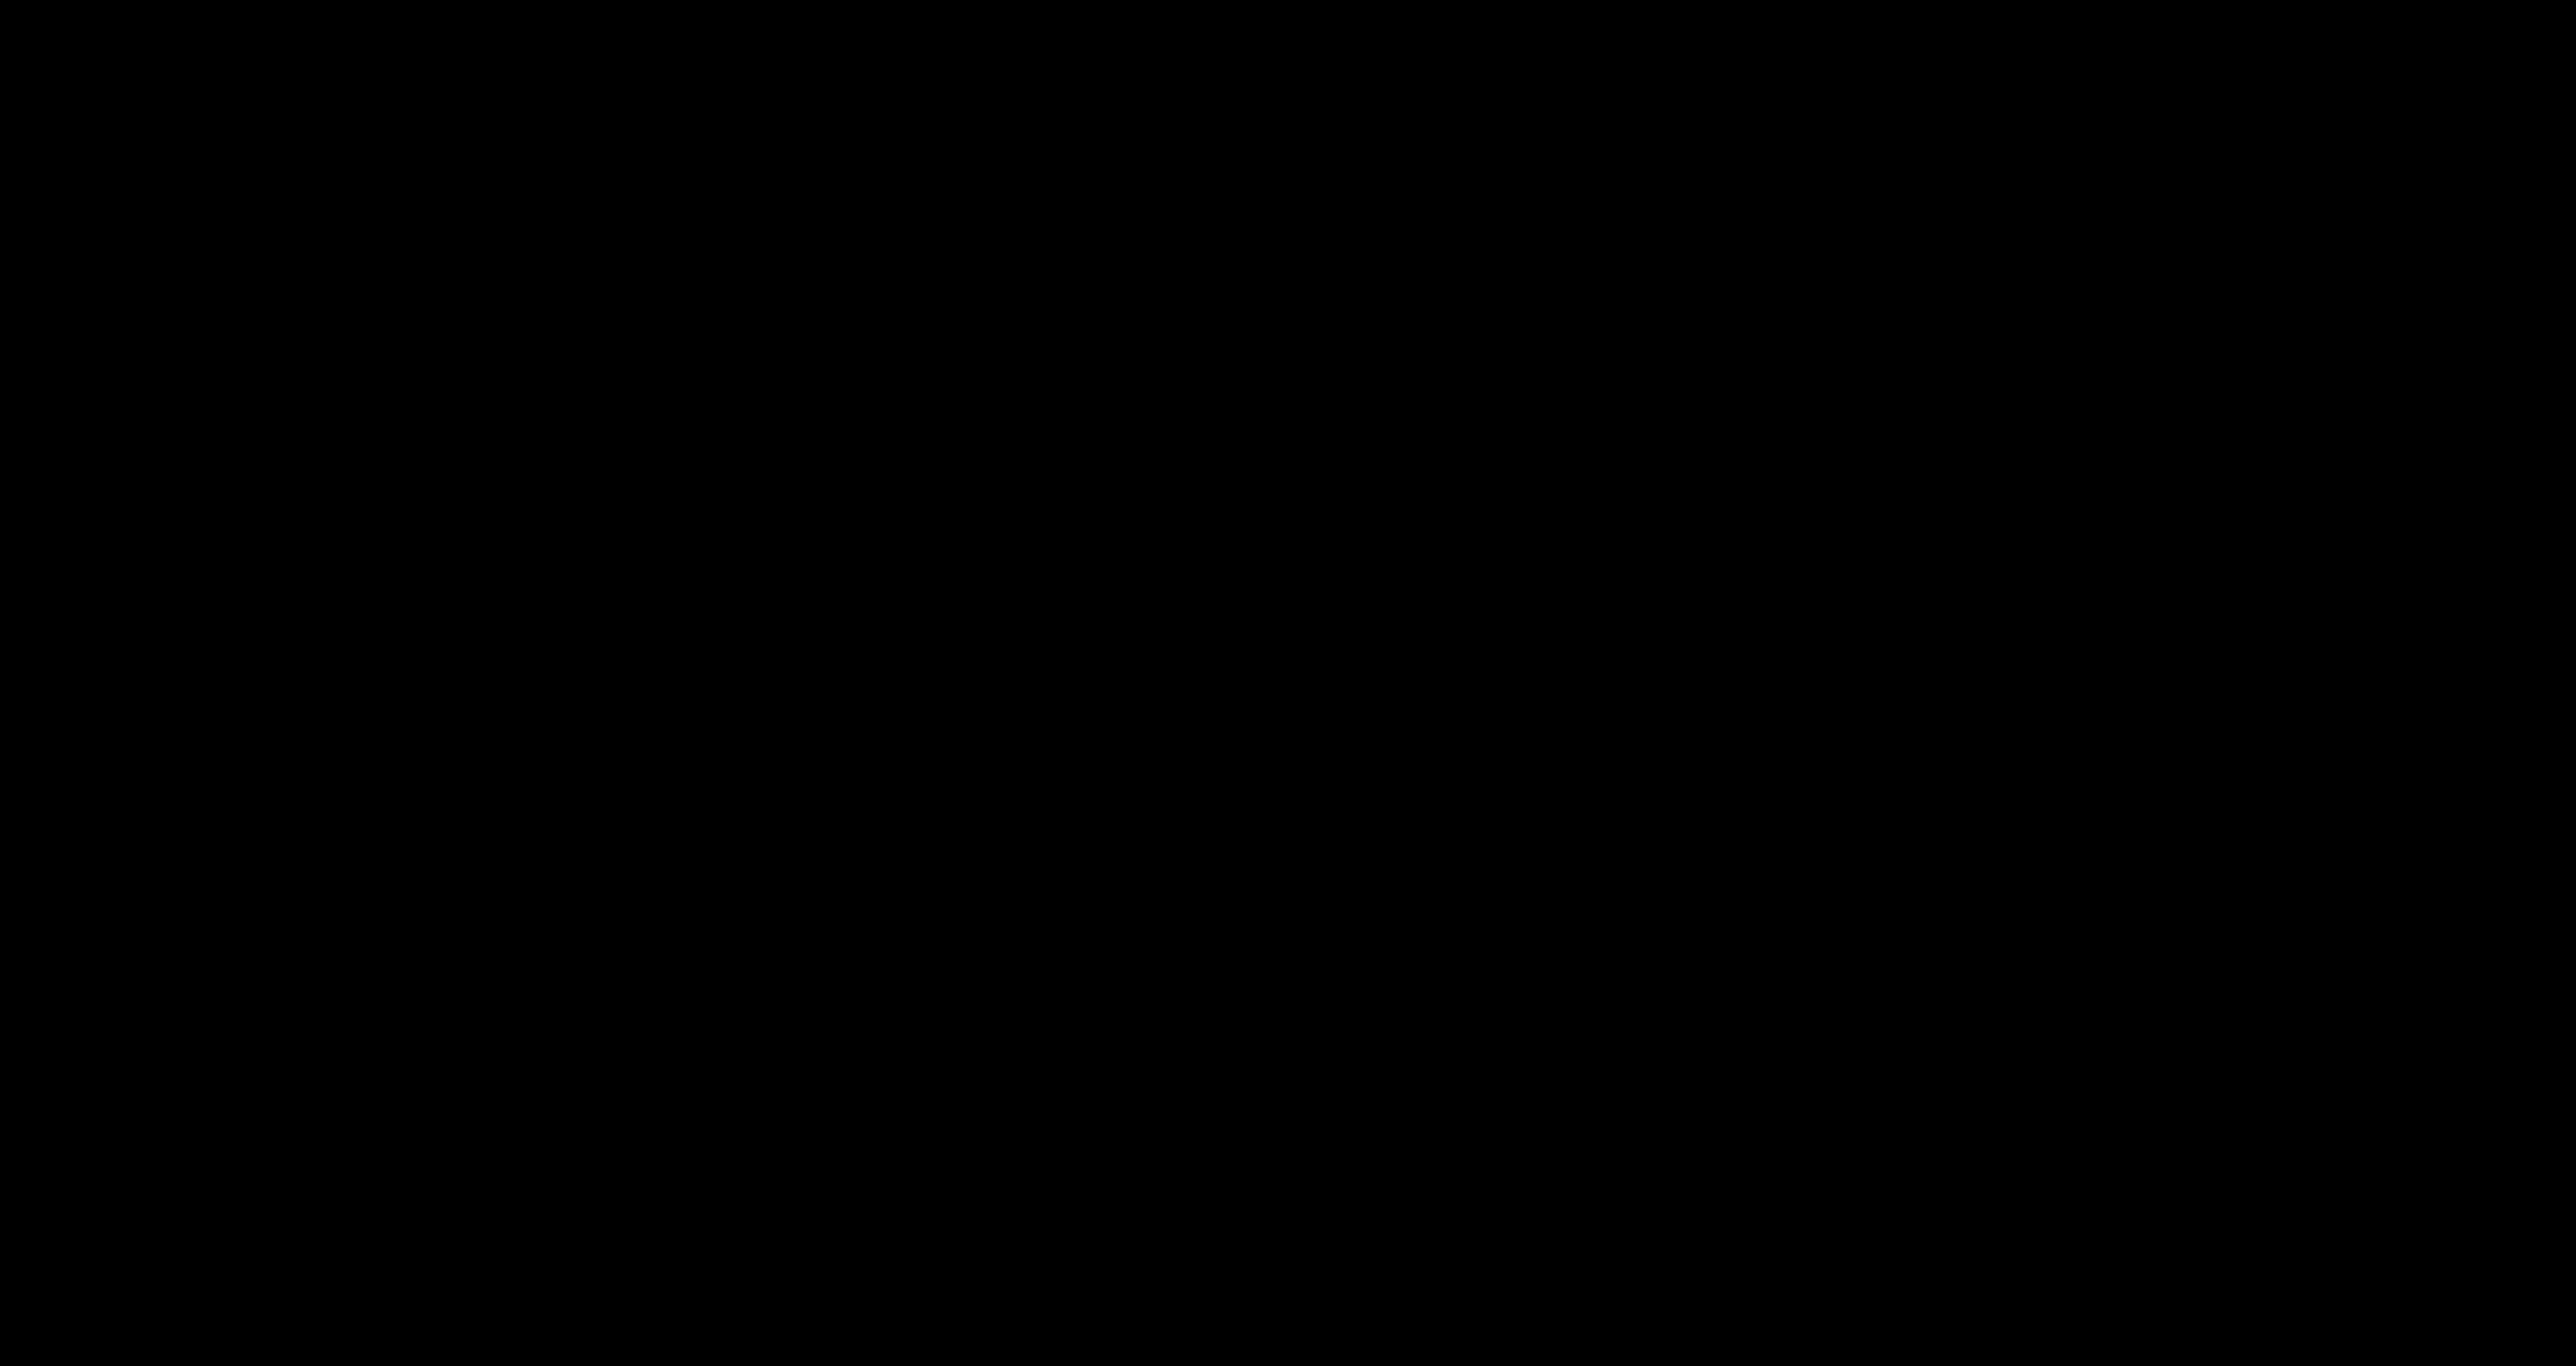 Filepalais Du Luxembourg Plan Gnral Des Jardins Architecture Star Trek Engineering Schematics Franoise Tome2 Livre3 Ch8